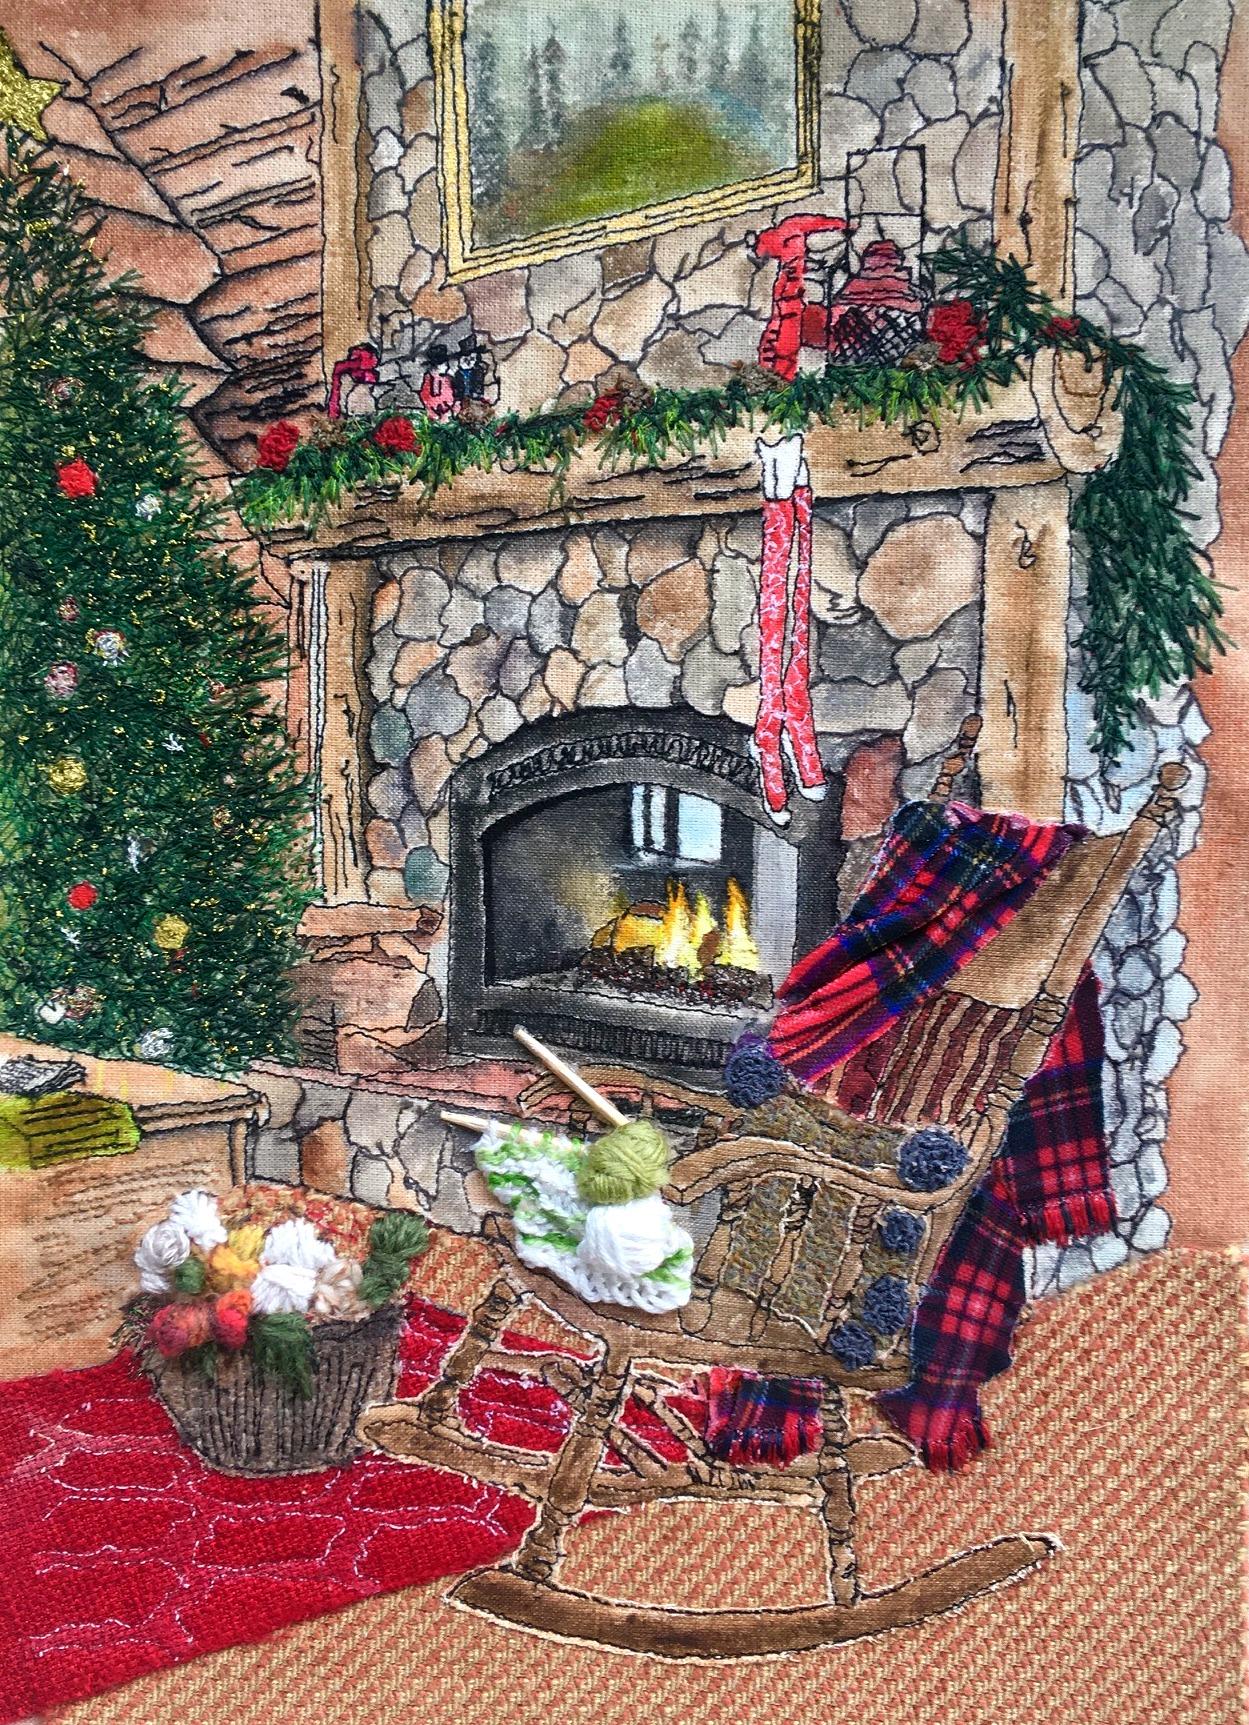 'Christmastime'